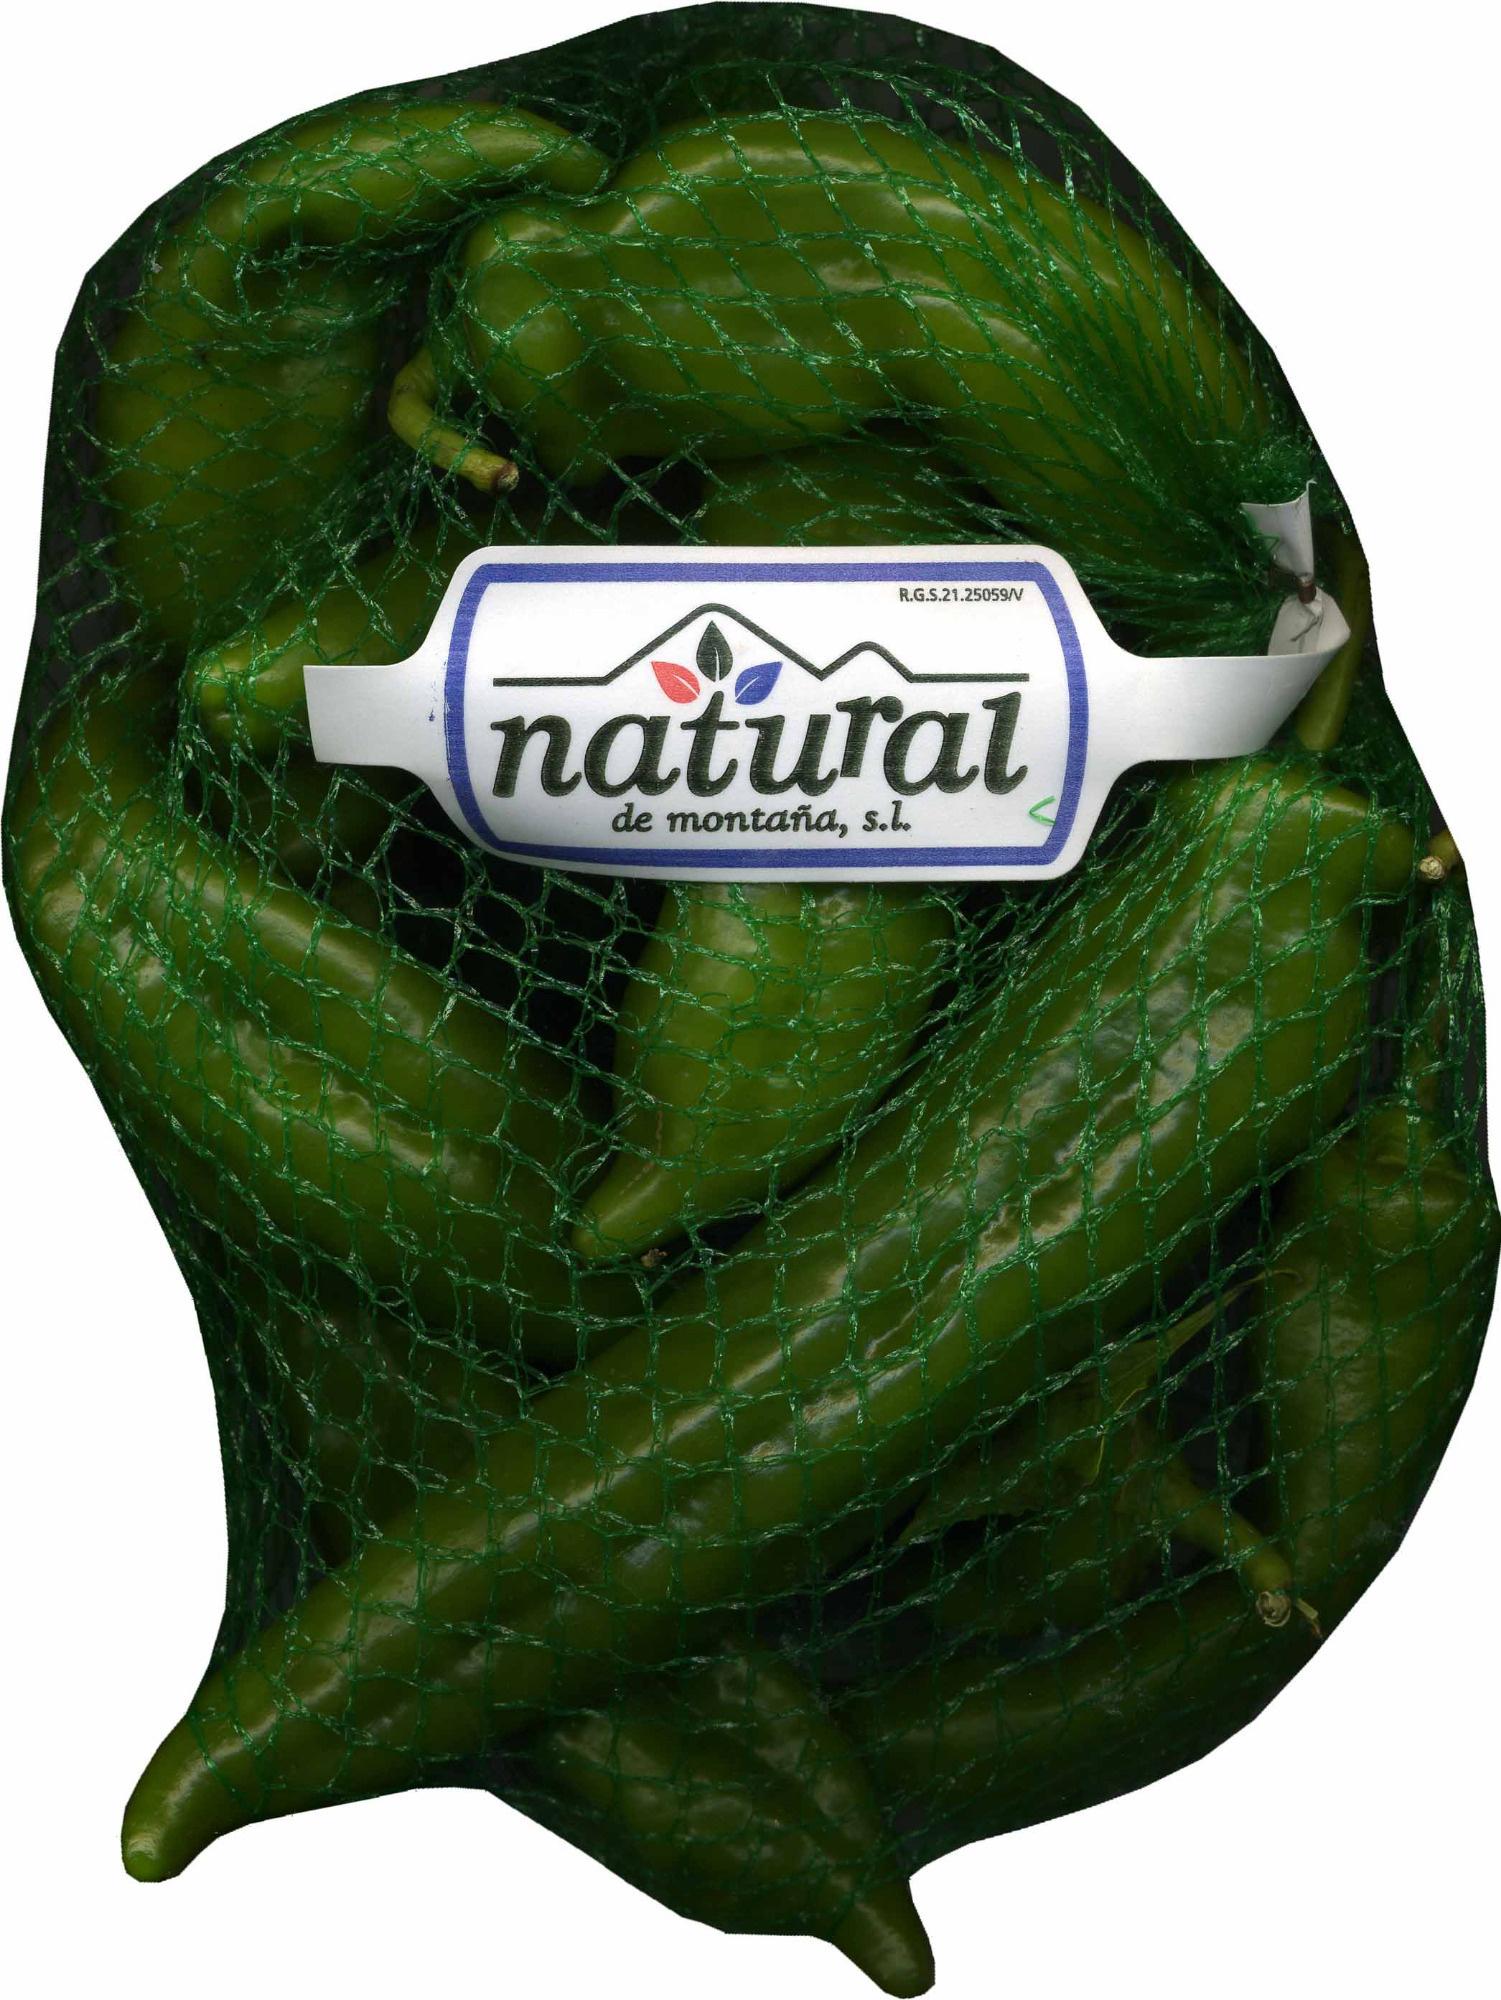 Pimientos verdes - Producto